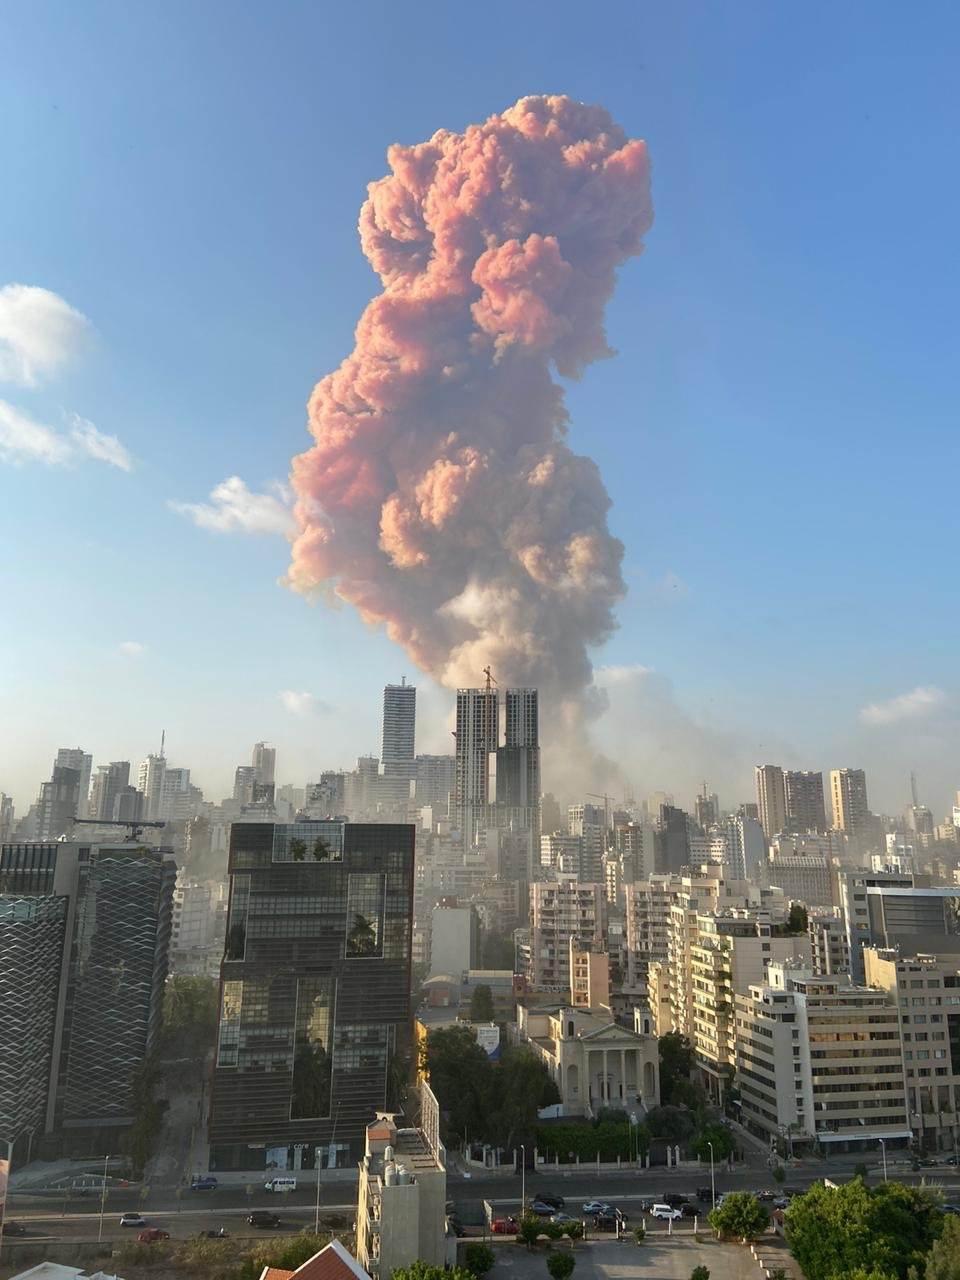 انفجار مهیب در بیروت، بیش از 30 کشته و 3000 زخمی، در لبنان عزای ملی اعلام شد، نخست وزیر لبنان: از مجازات عاملان نخواهیم گذشت